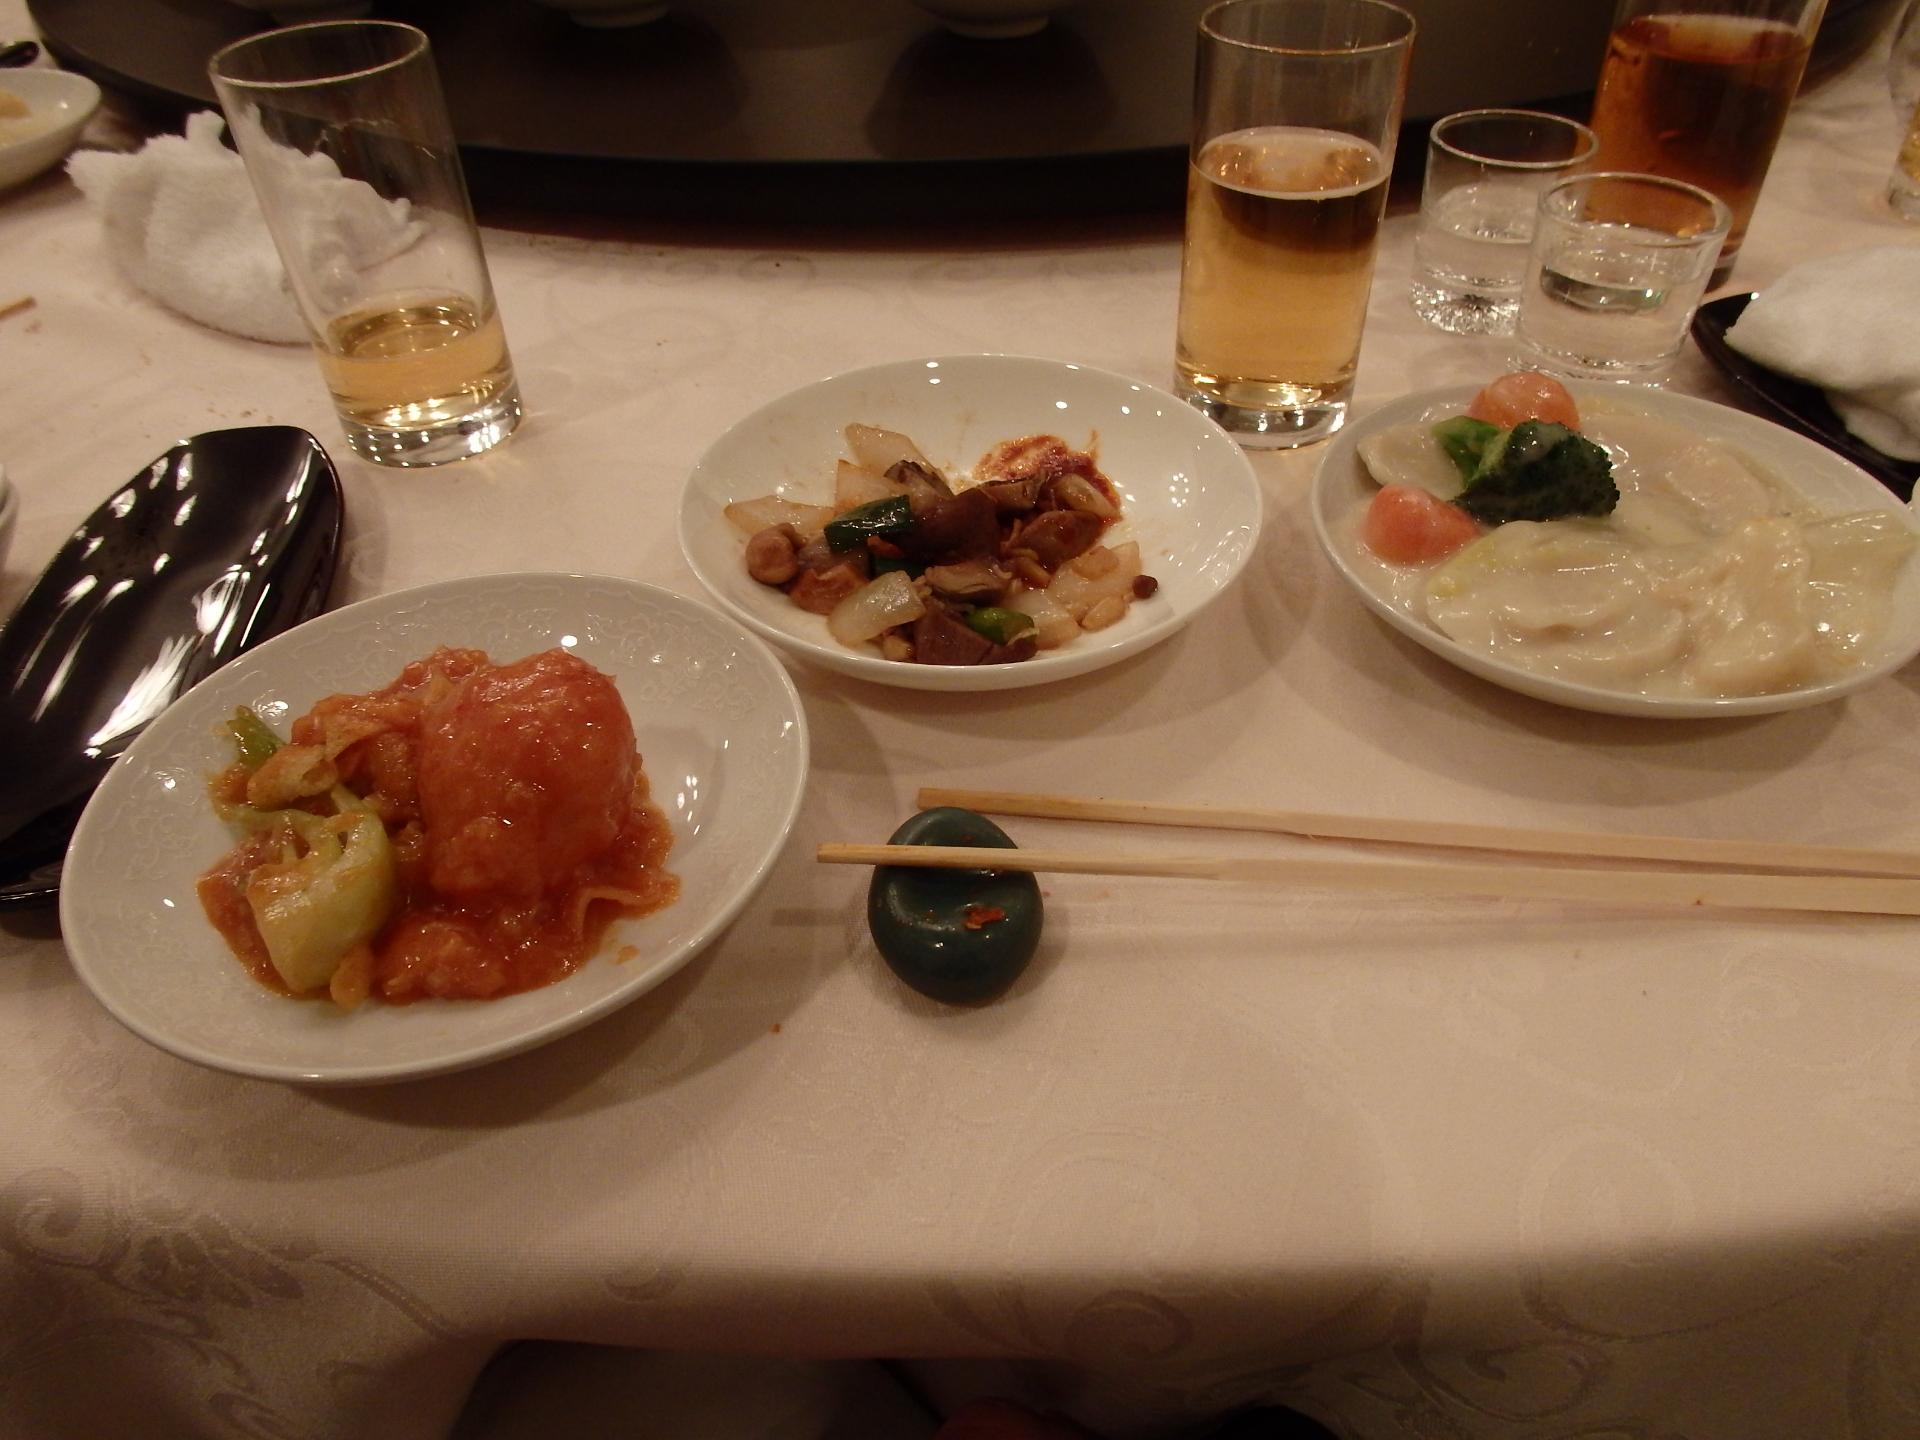 食事は恒例の中華テーブルでした。